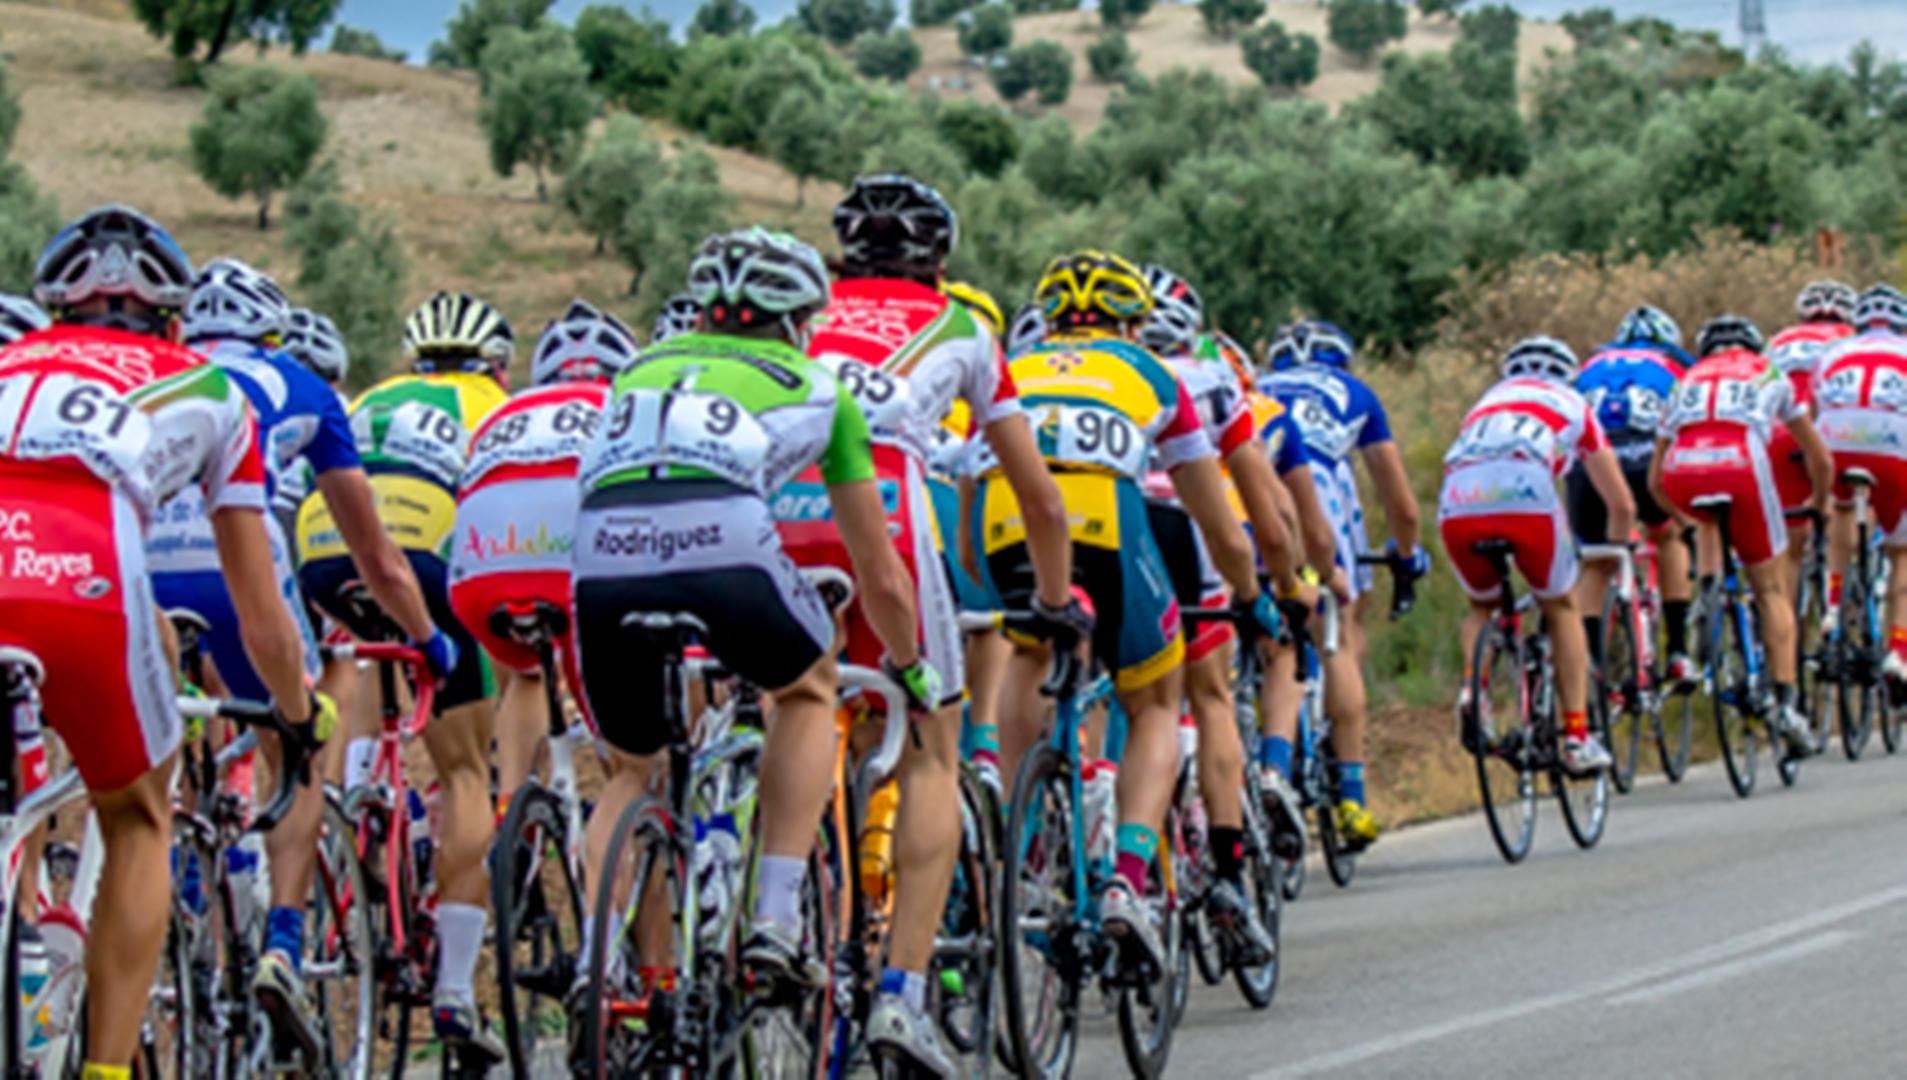 Todo listo para el campeonato de espa a de ciclismo for Equipos de ciclismo